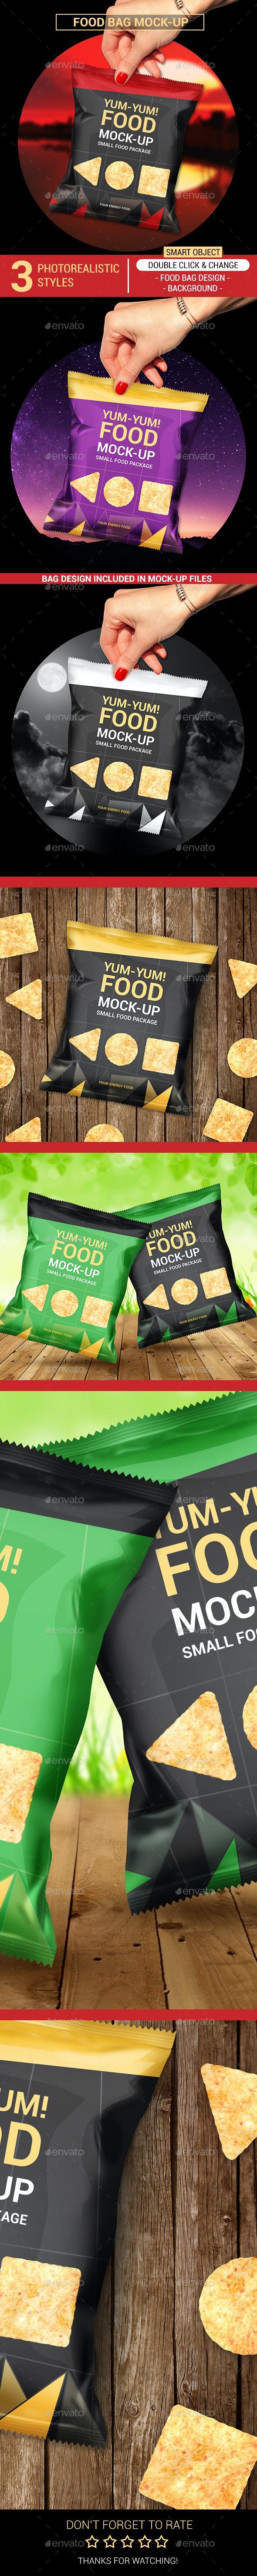 Food Bag Mock-Ups - Food and Drink Packaging